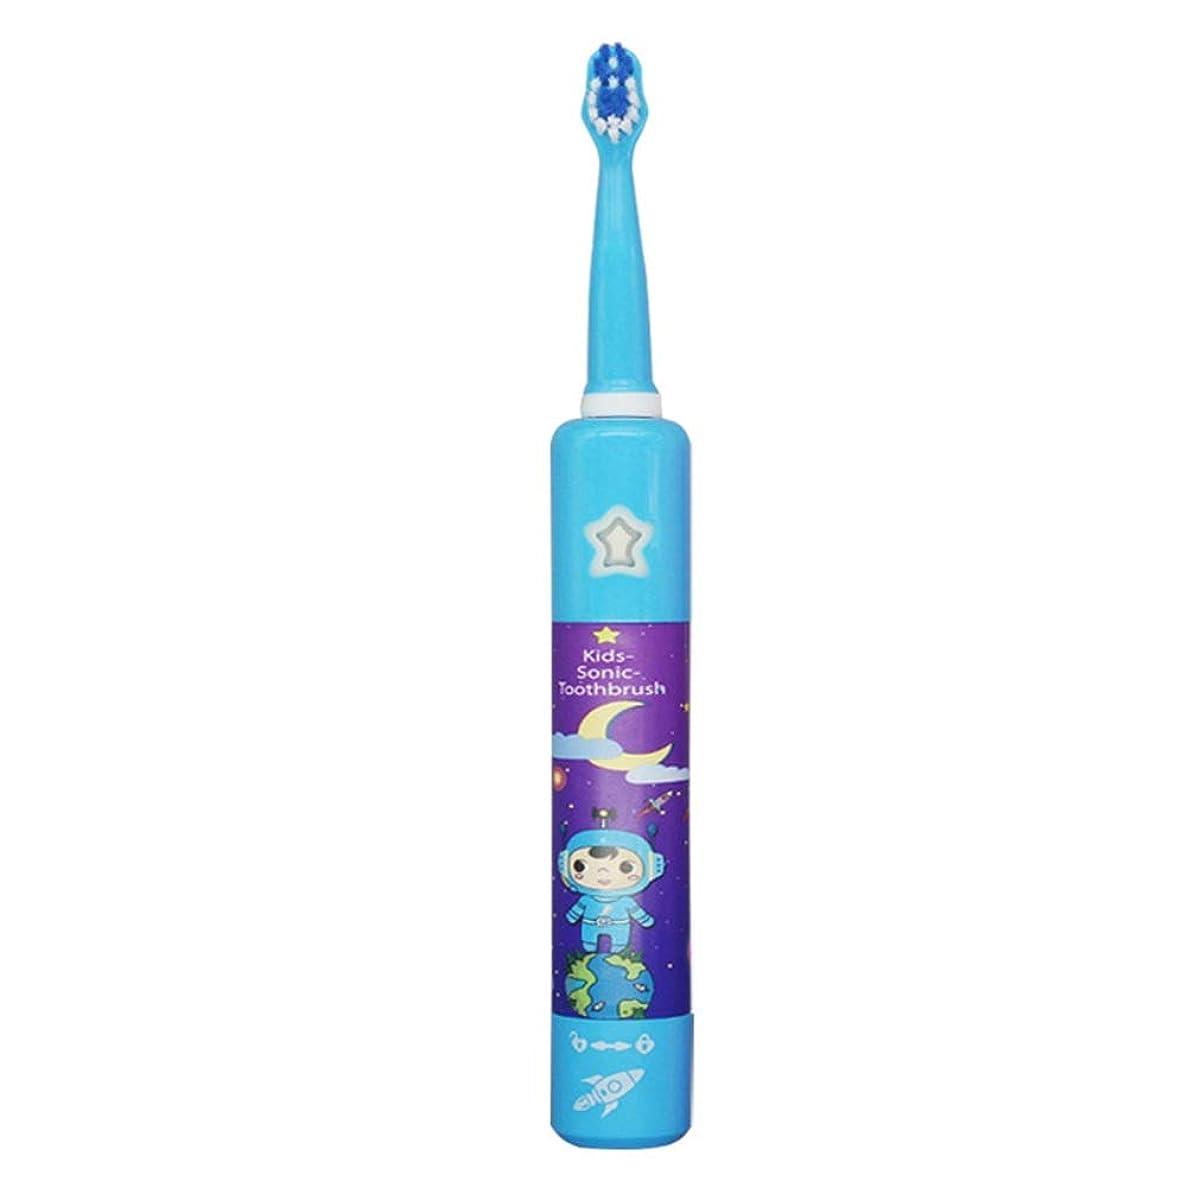 明快狂気キャベツ電動歯ブラシ 子供の電動歯ブラシかわいい柔らかい髪音楽歯ブラシホルダーと1つの交換用ヘッドUSB充電式 (色 : 青, サイズ : Free size)